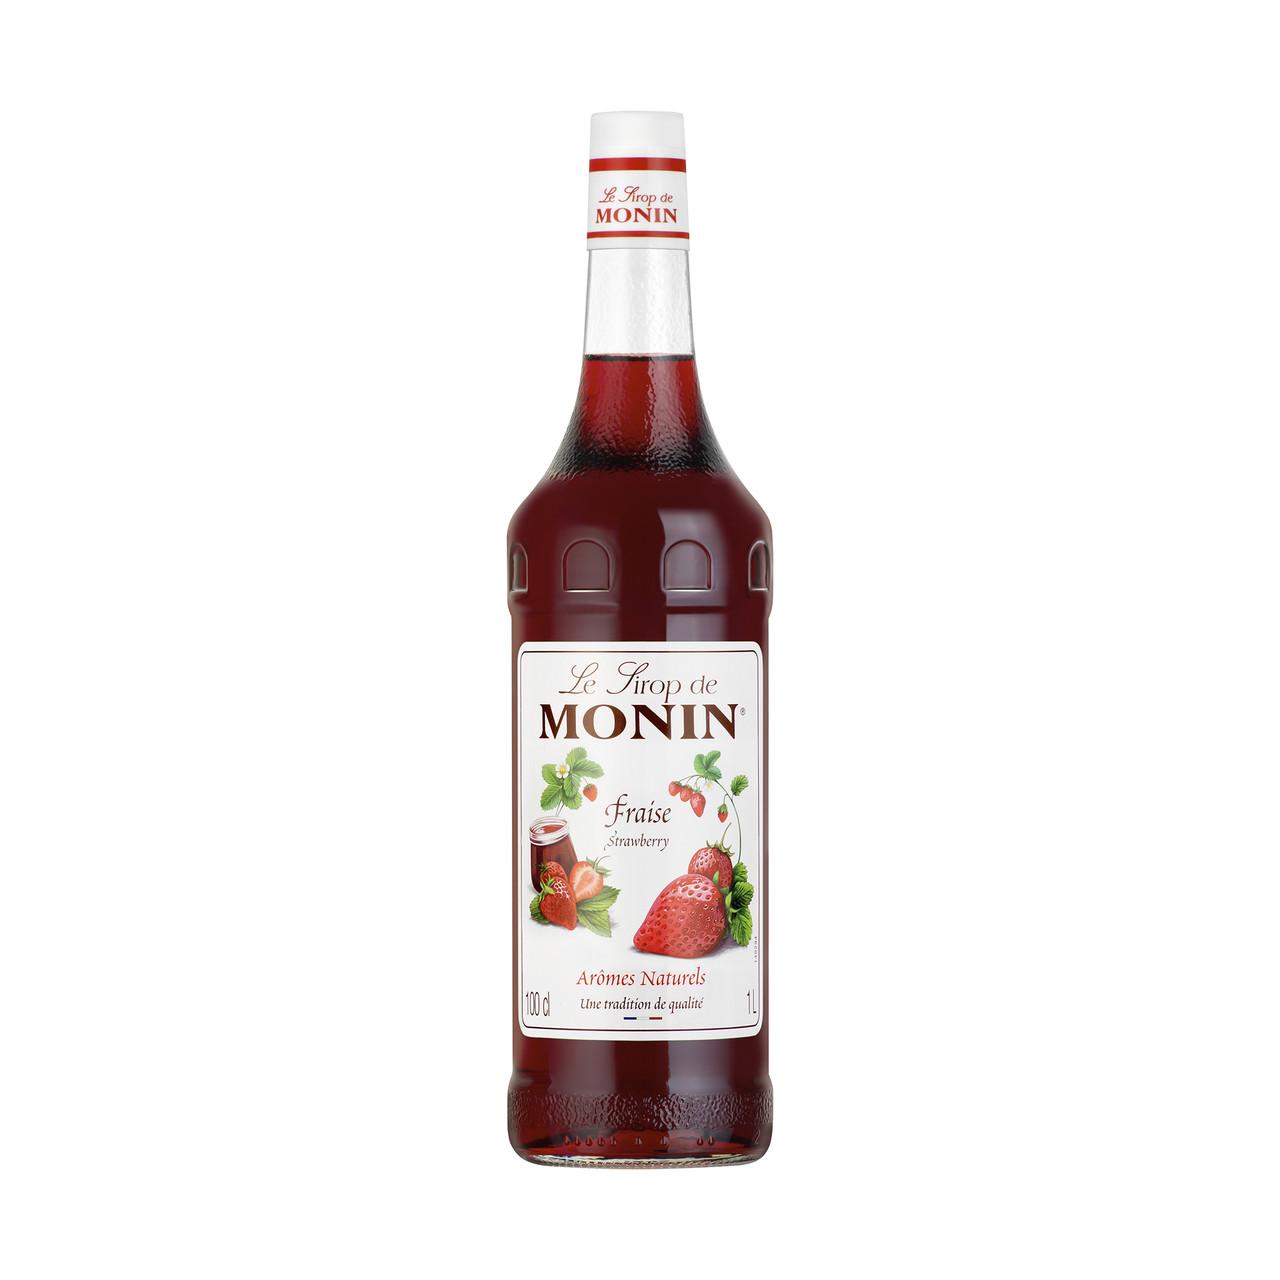 Сироп Monin зі смаком Полуниця 1 л